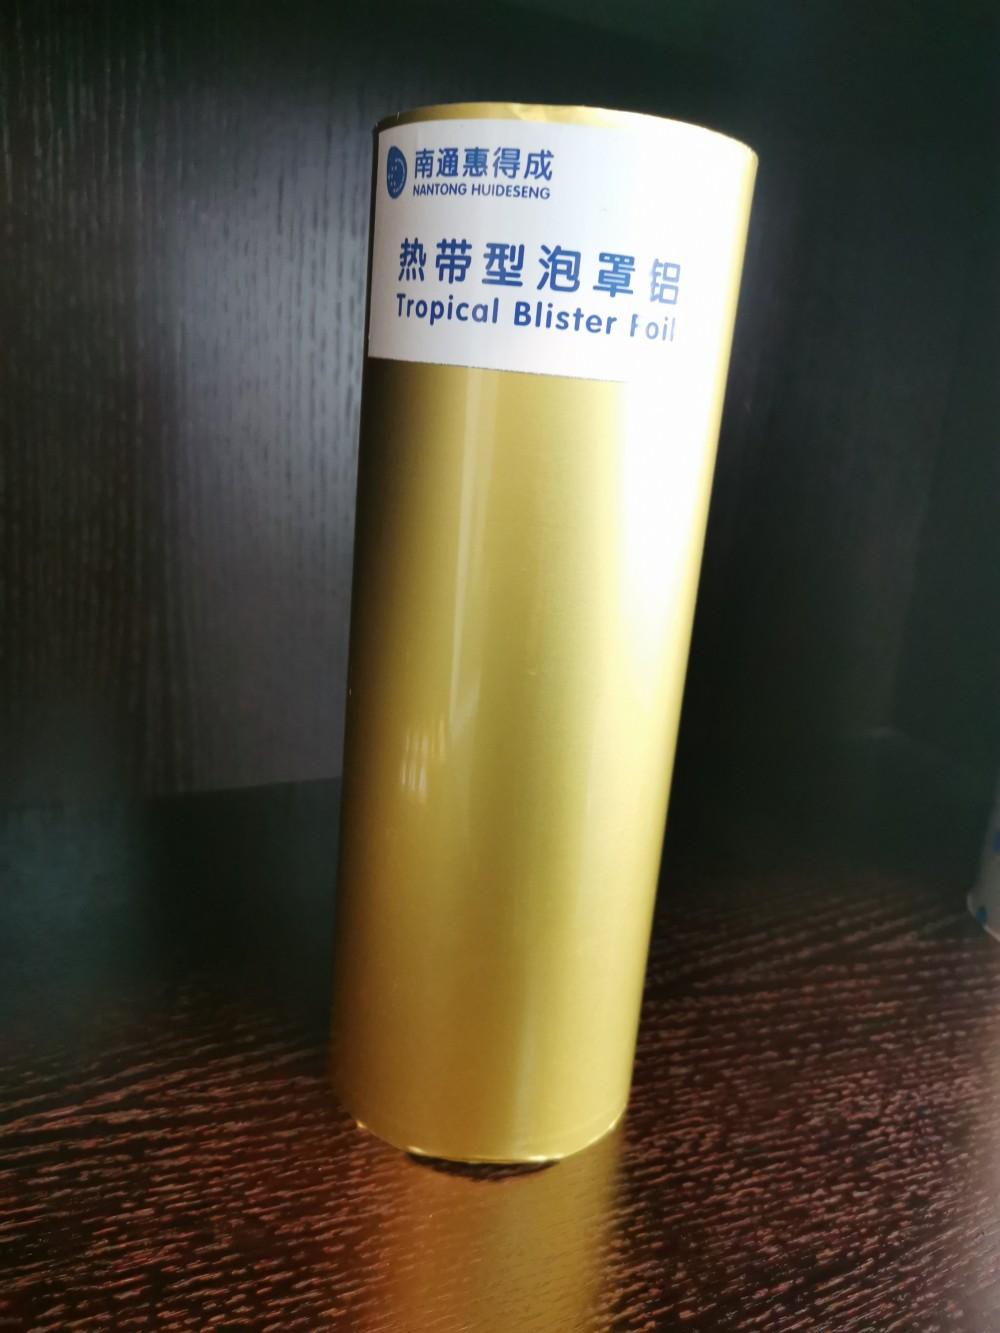 金箔包装片